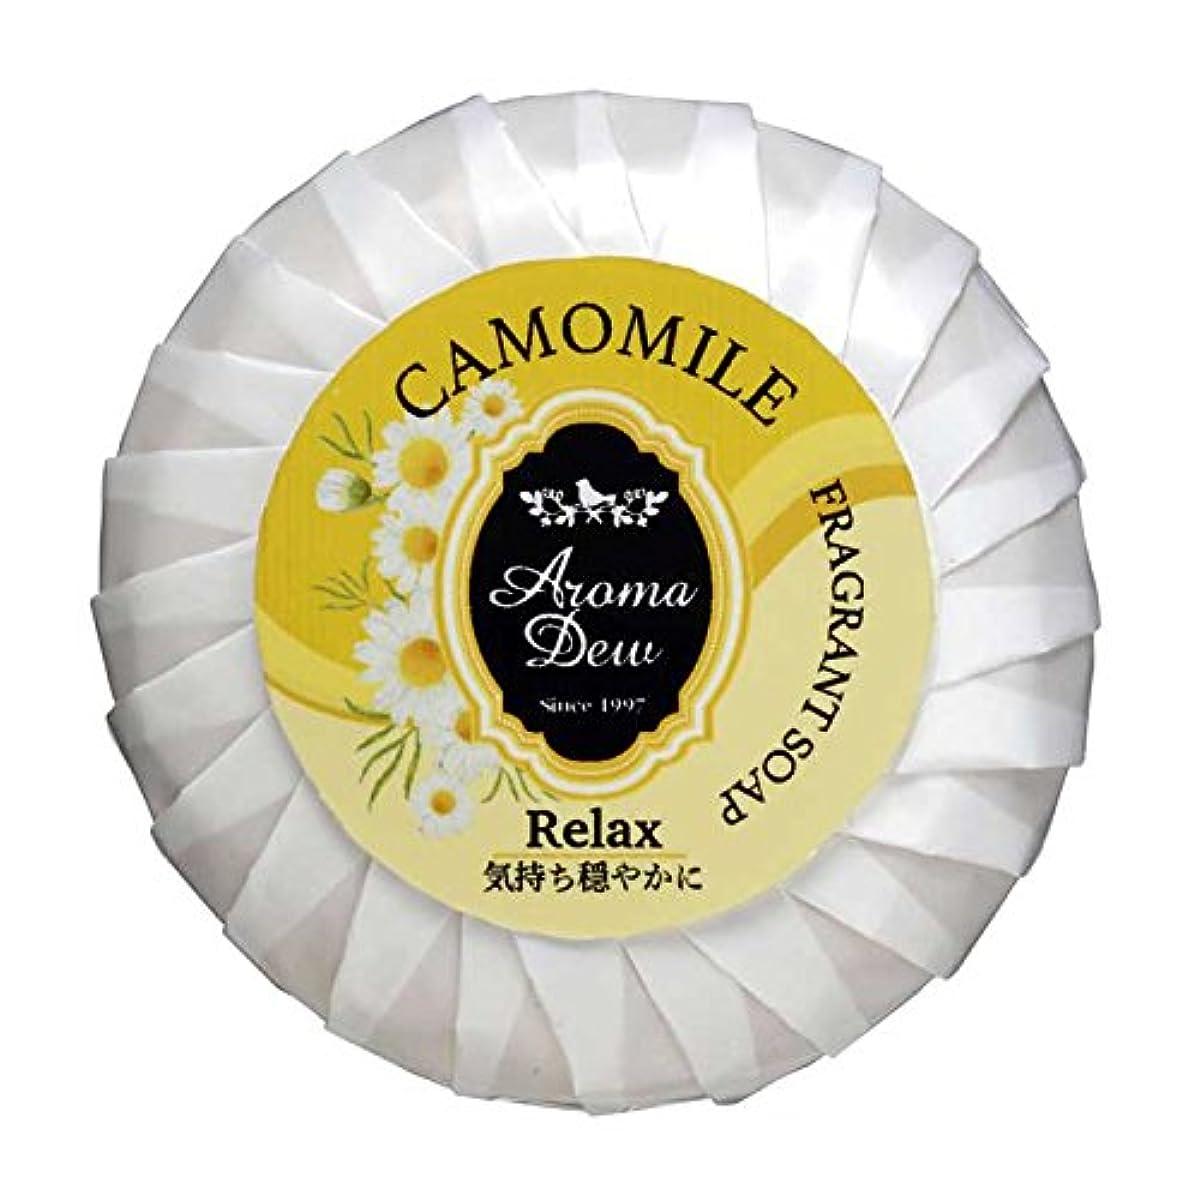 脈拍エッセンス主張アロマデュウ フレグラントソープ カモミールの香り 100g